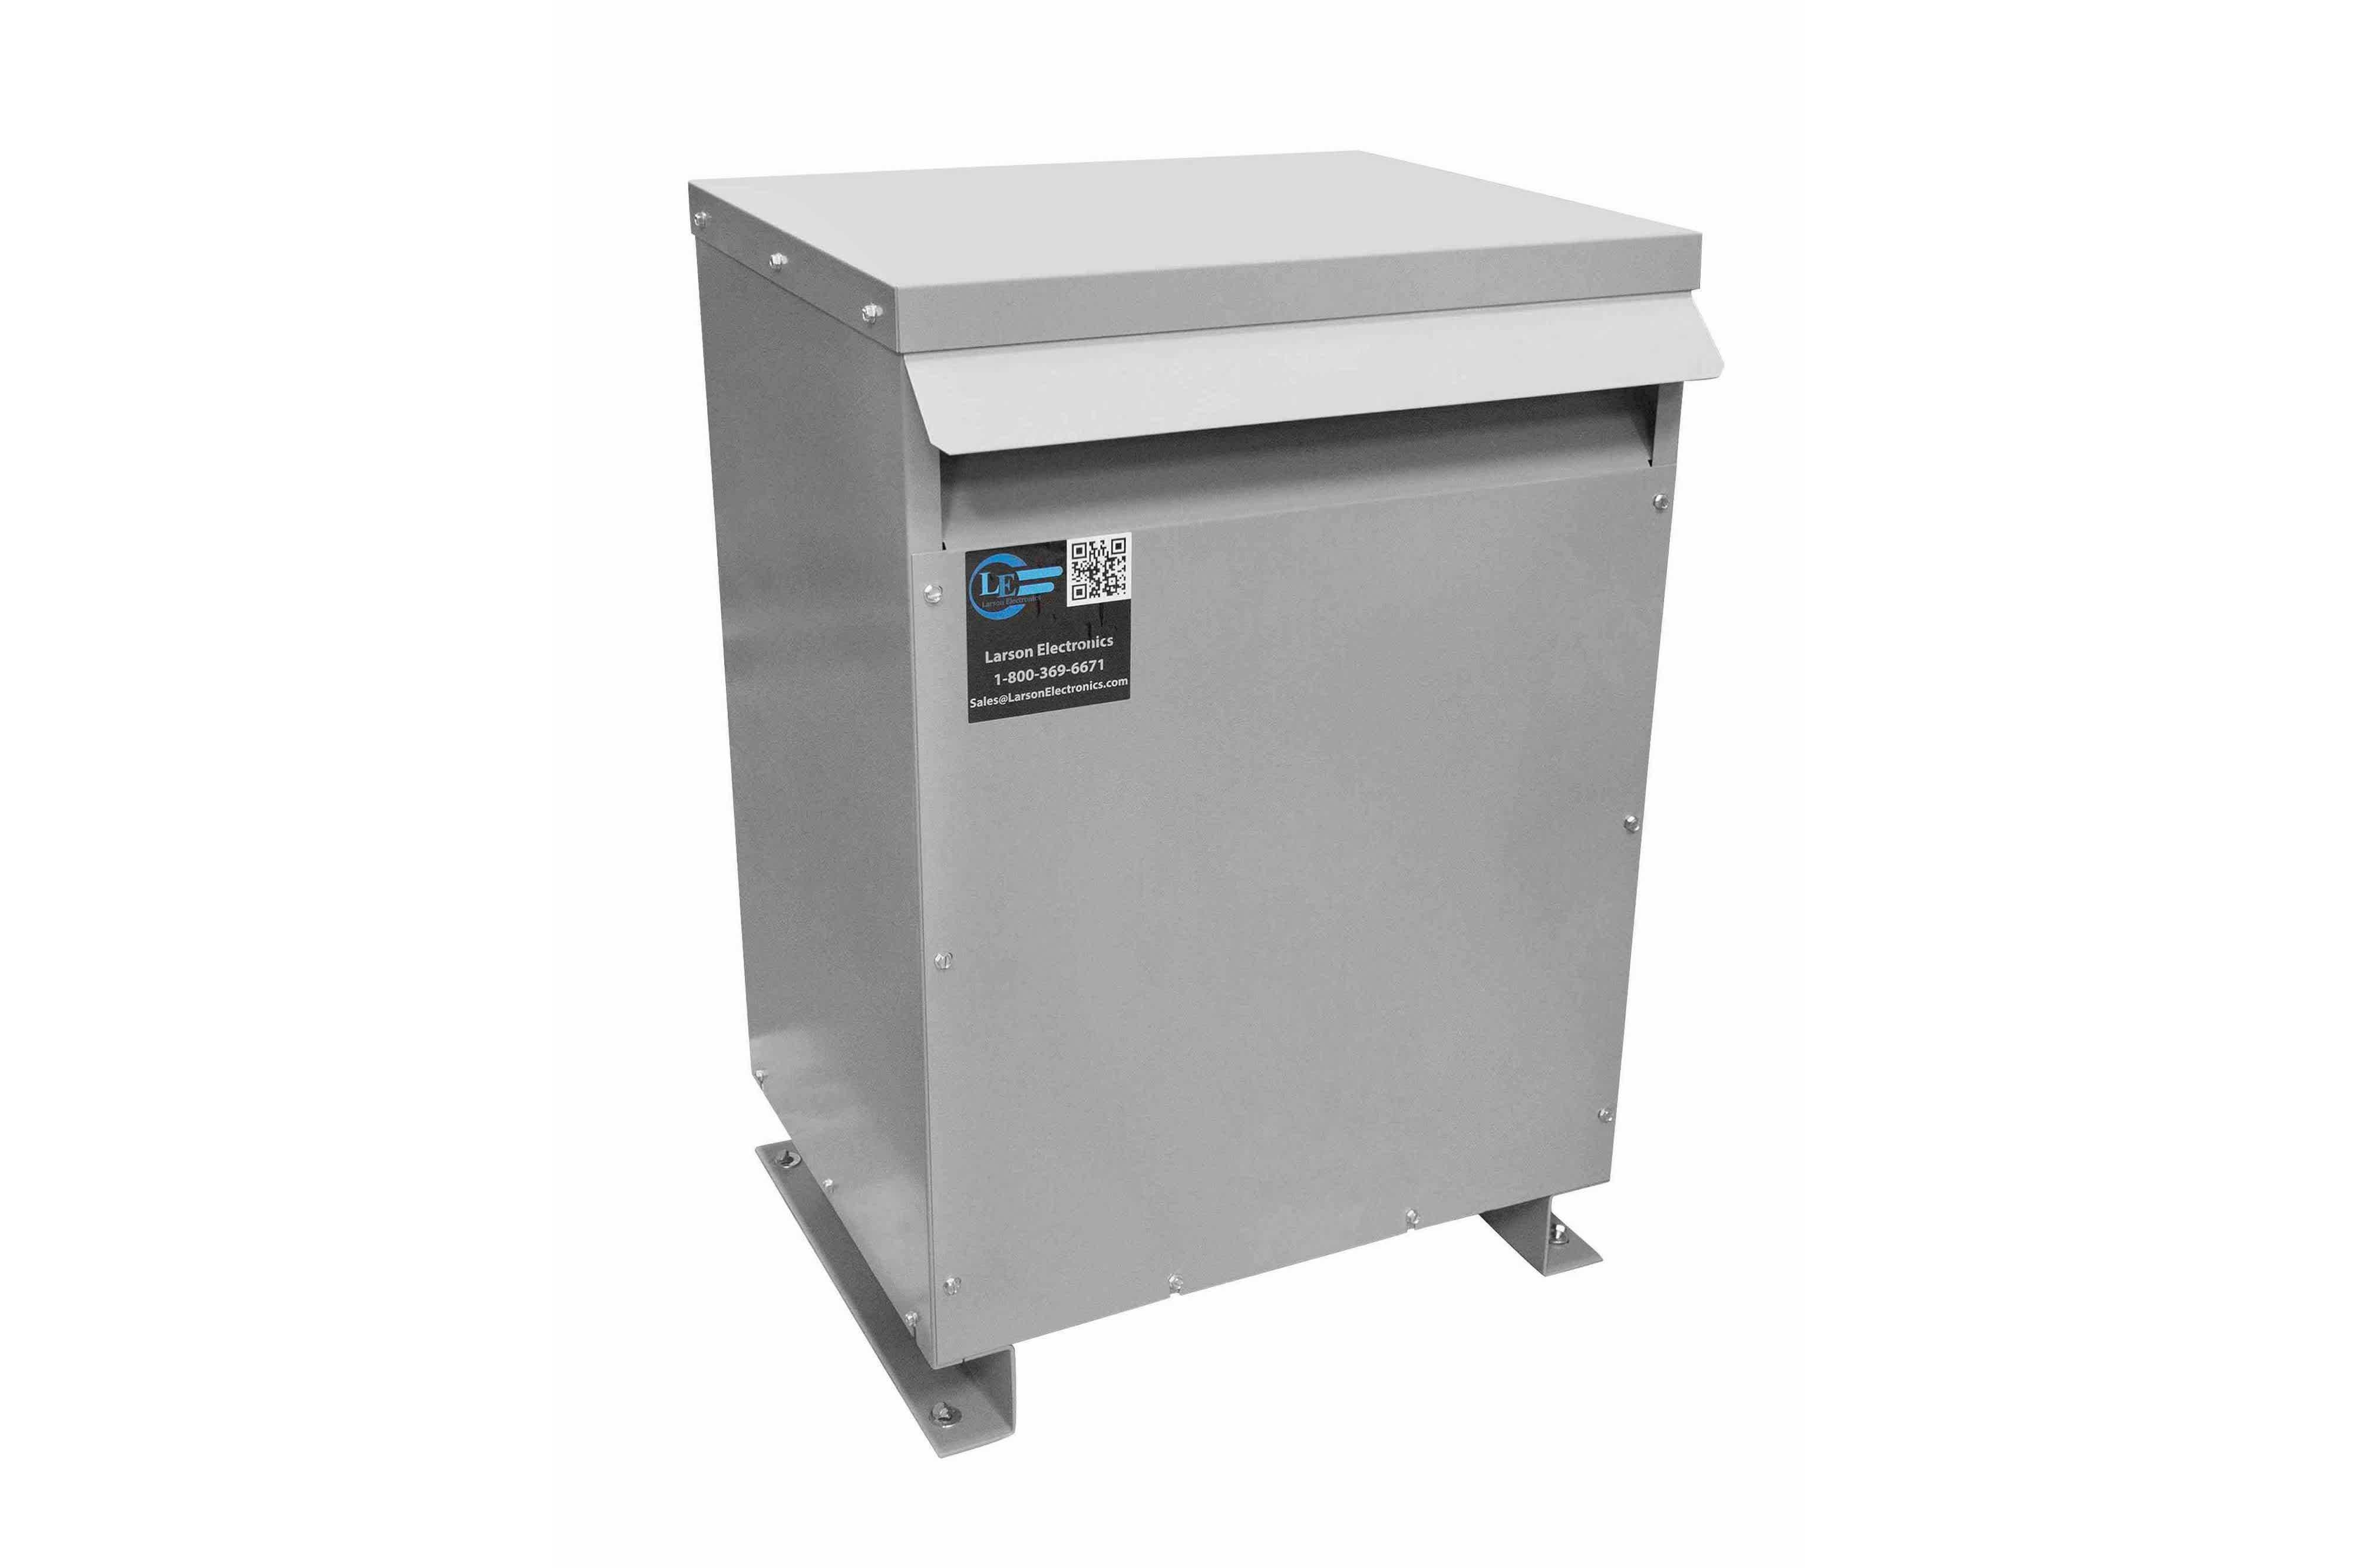 750 kVA 3PH Isolation Transformer, 415V Delta Primary, 240 Delta Secondary, N3R, Ventilated, 60 Hz